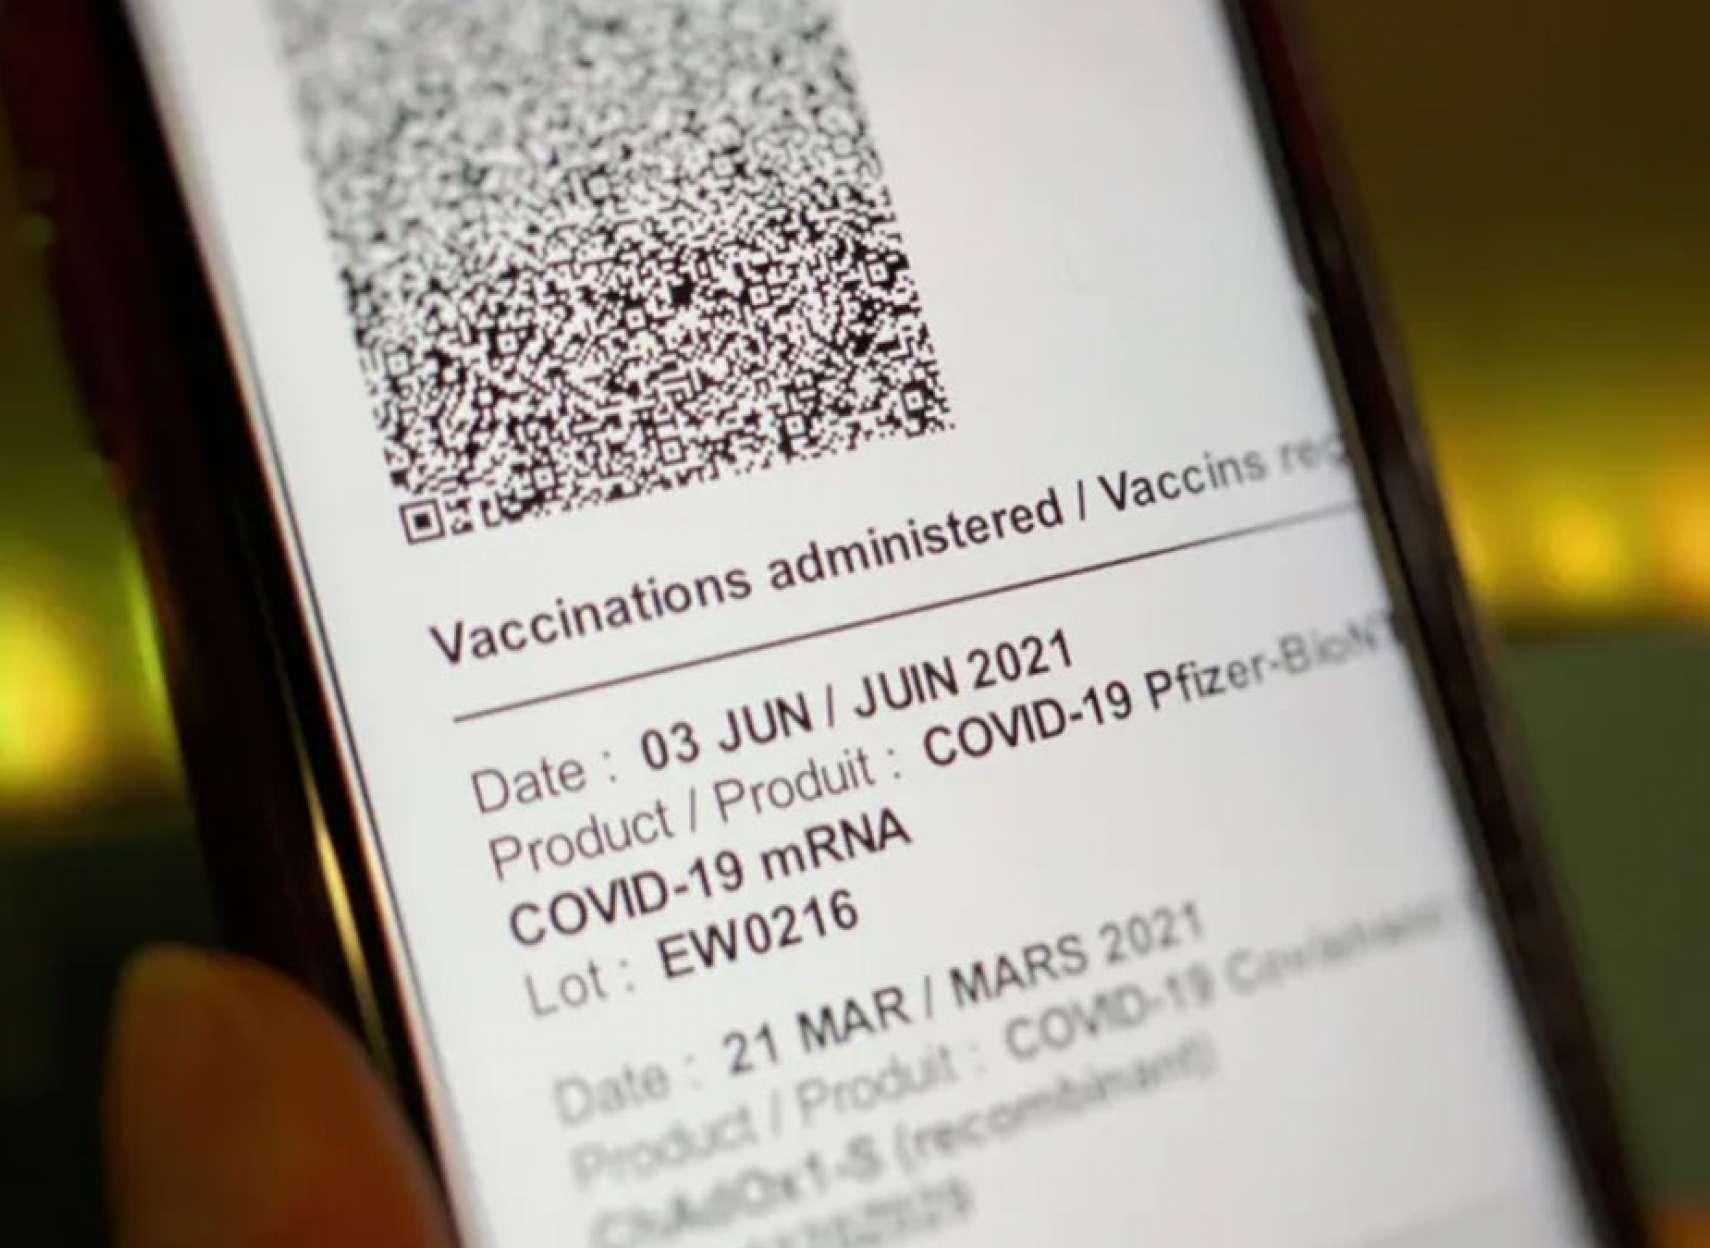 خبر-کانادا-بارکد-پاسپورت-واکسیناسیون-ساسکاچوان-یک-هفته-پس-از-راه-اندازی-از-کار-افتاد